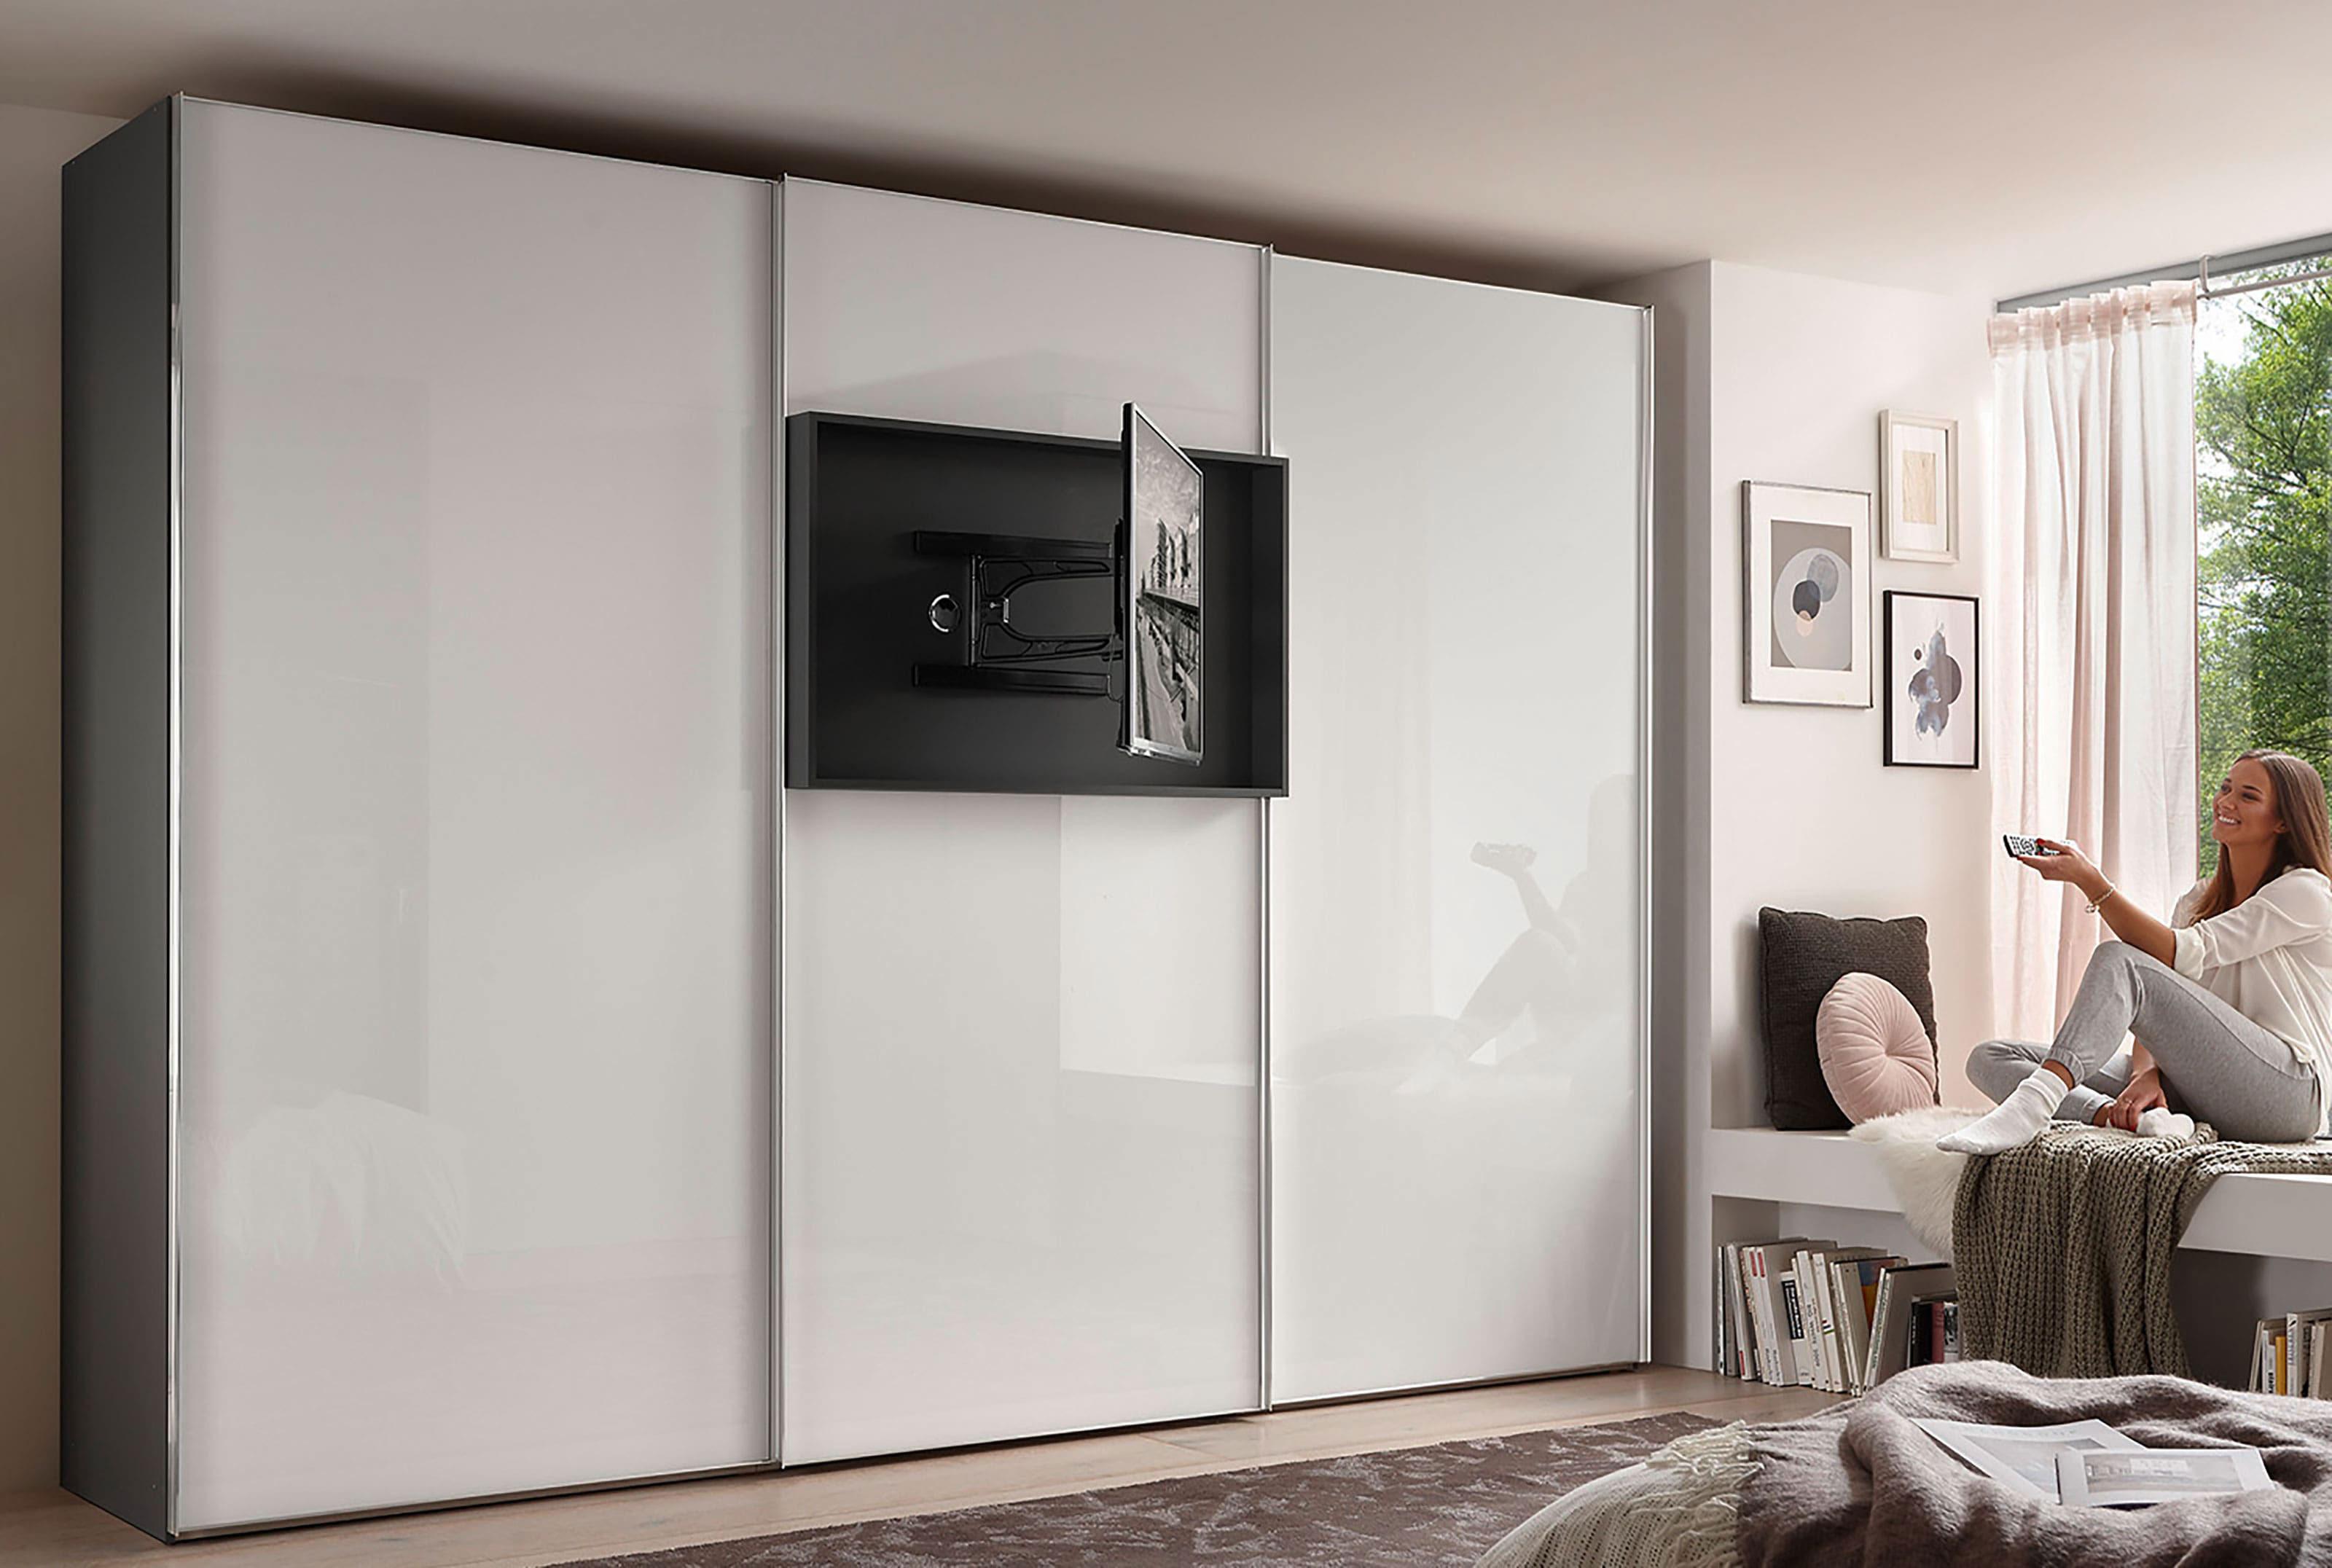 Staud Media Flat Kleiderschrank mit TV Paneel Glas weiß